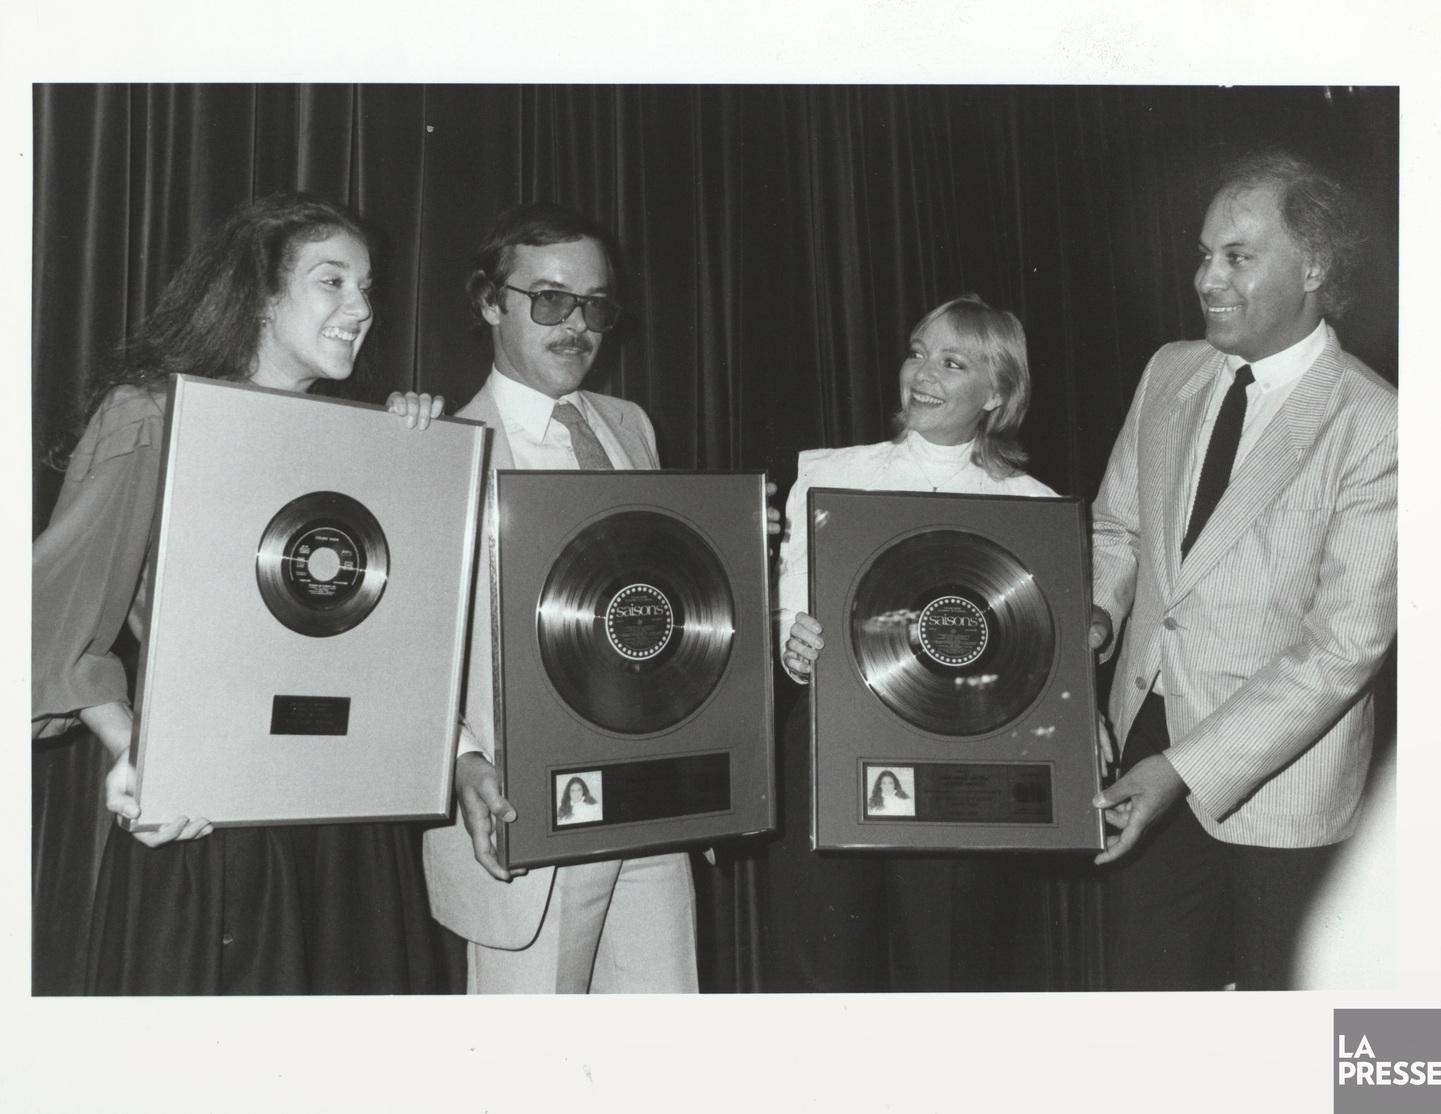 Céline Dion, Denys Bergeron, Anne René et René Angélil en 1983  (image numérique d'une photo  La Presse  (photographe inconnu),  Bibliothèque et Archives nationales du Québec , BAnQ numérique ( http://numerique.banq.qc.ca/patrimoine/details/52327/3474950?docref=J0YlJ4oS2Y-FiAZ7VrzYlQ ).